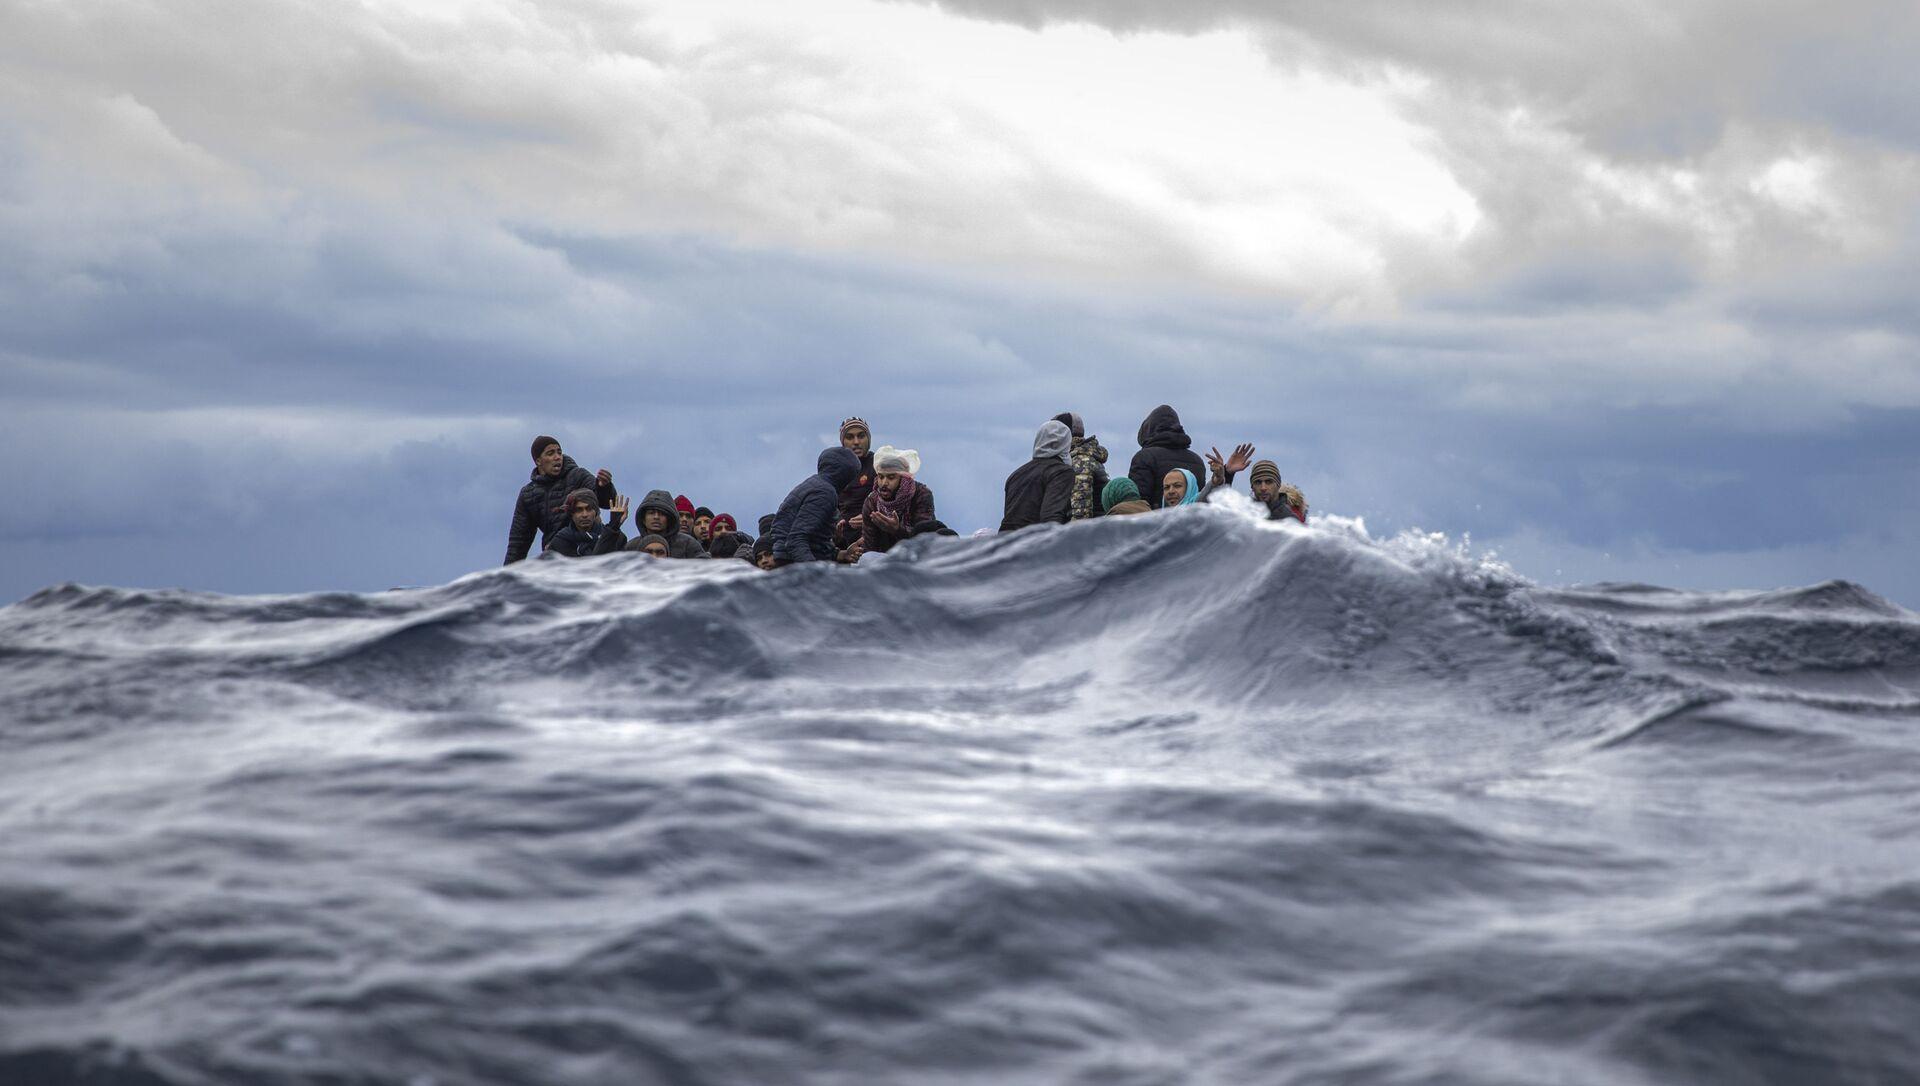 Inmigrantes en medio del mar Mediterráneo a punto de ser rescatados por la ONG española Open Arms. Enero 2020 - Sputnik Mundo, 1920, 18.09.2020